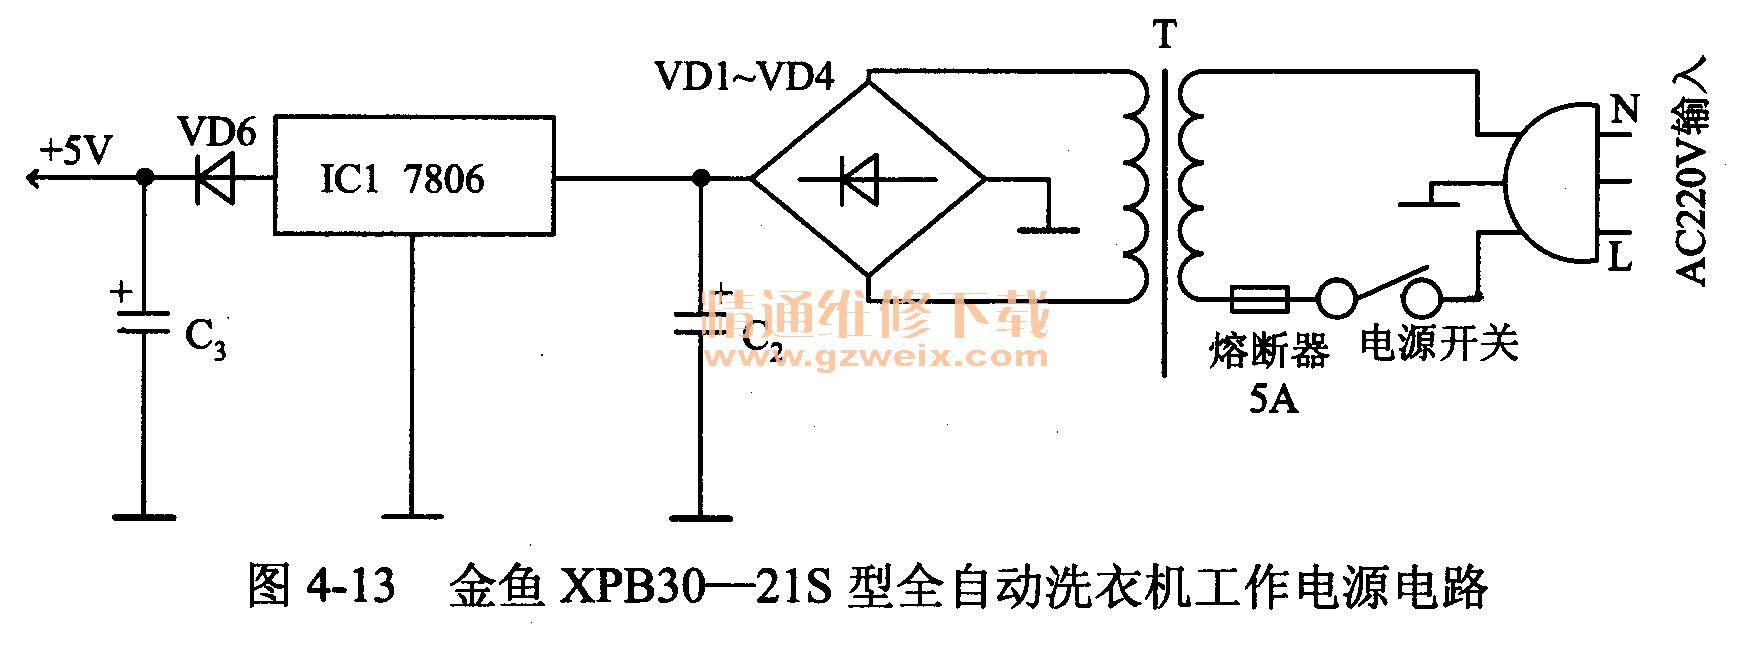 故障现象 据用户介绍,该全自动洗衣机插上电源插头后,操作面板按键无反应,指示灯也不亮。 故障分析 根据用户介绍的情况来看,出现这种故障的部位通常与整机的供电电路有关。金鱼XPB30-21 S型全自动洗衣机的巧V工作电源电路如图4-13所示。检修时,可先对该电路进行检查。  故障检修 判断故障的大概部位 (1)打开机盖,检查发现交流进线熔断器(5A)已经熔断,说明.电路中有过流现象存在。 (2)进一步观察又发现,三端固定稳压集成电路ICI (7806)的表面有过热的痕迹,将其拆下进行测量,并与表4-1所列的